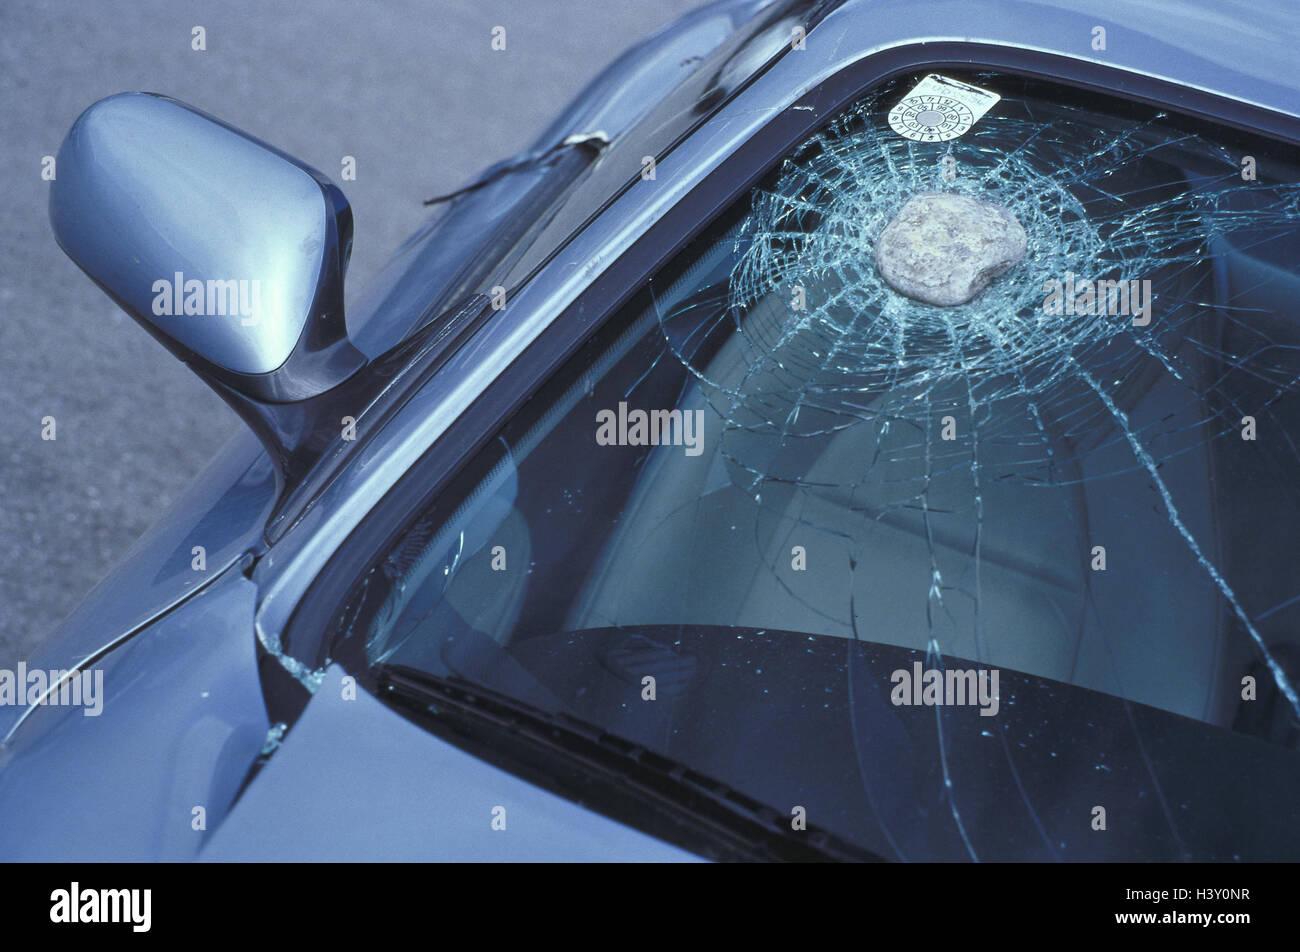 Auto Detail Windschutzscheibe Steinschlag Unfall Verkehr Pkw